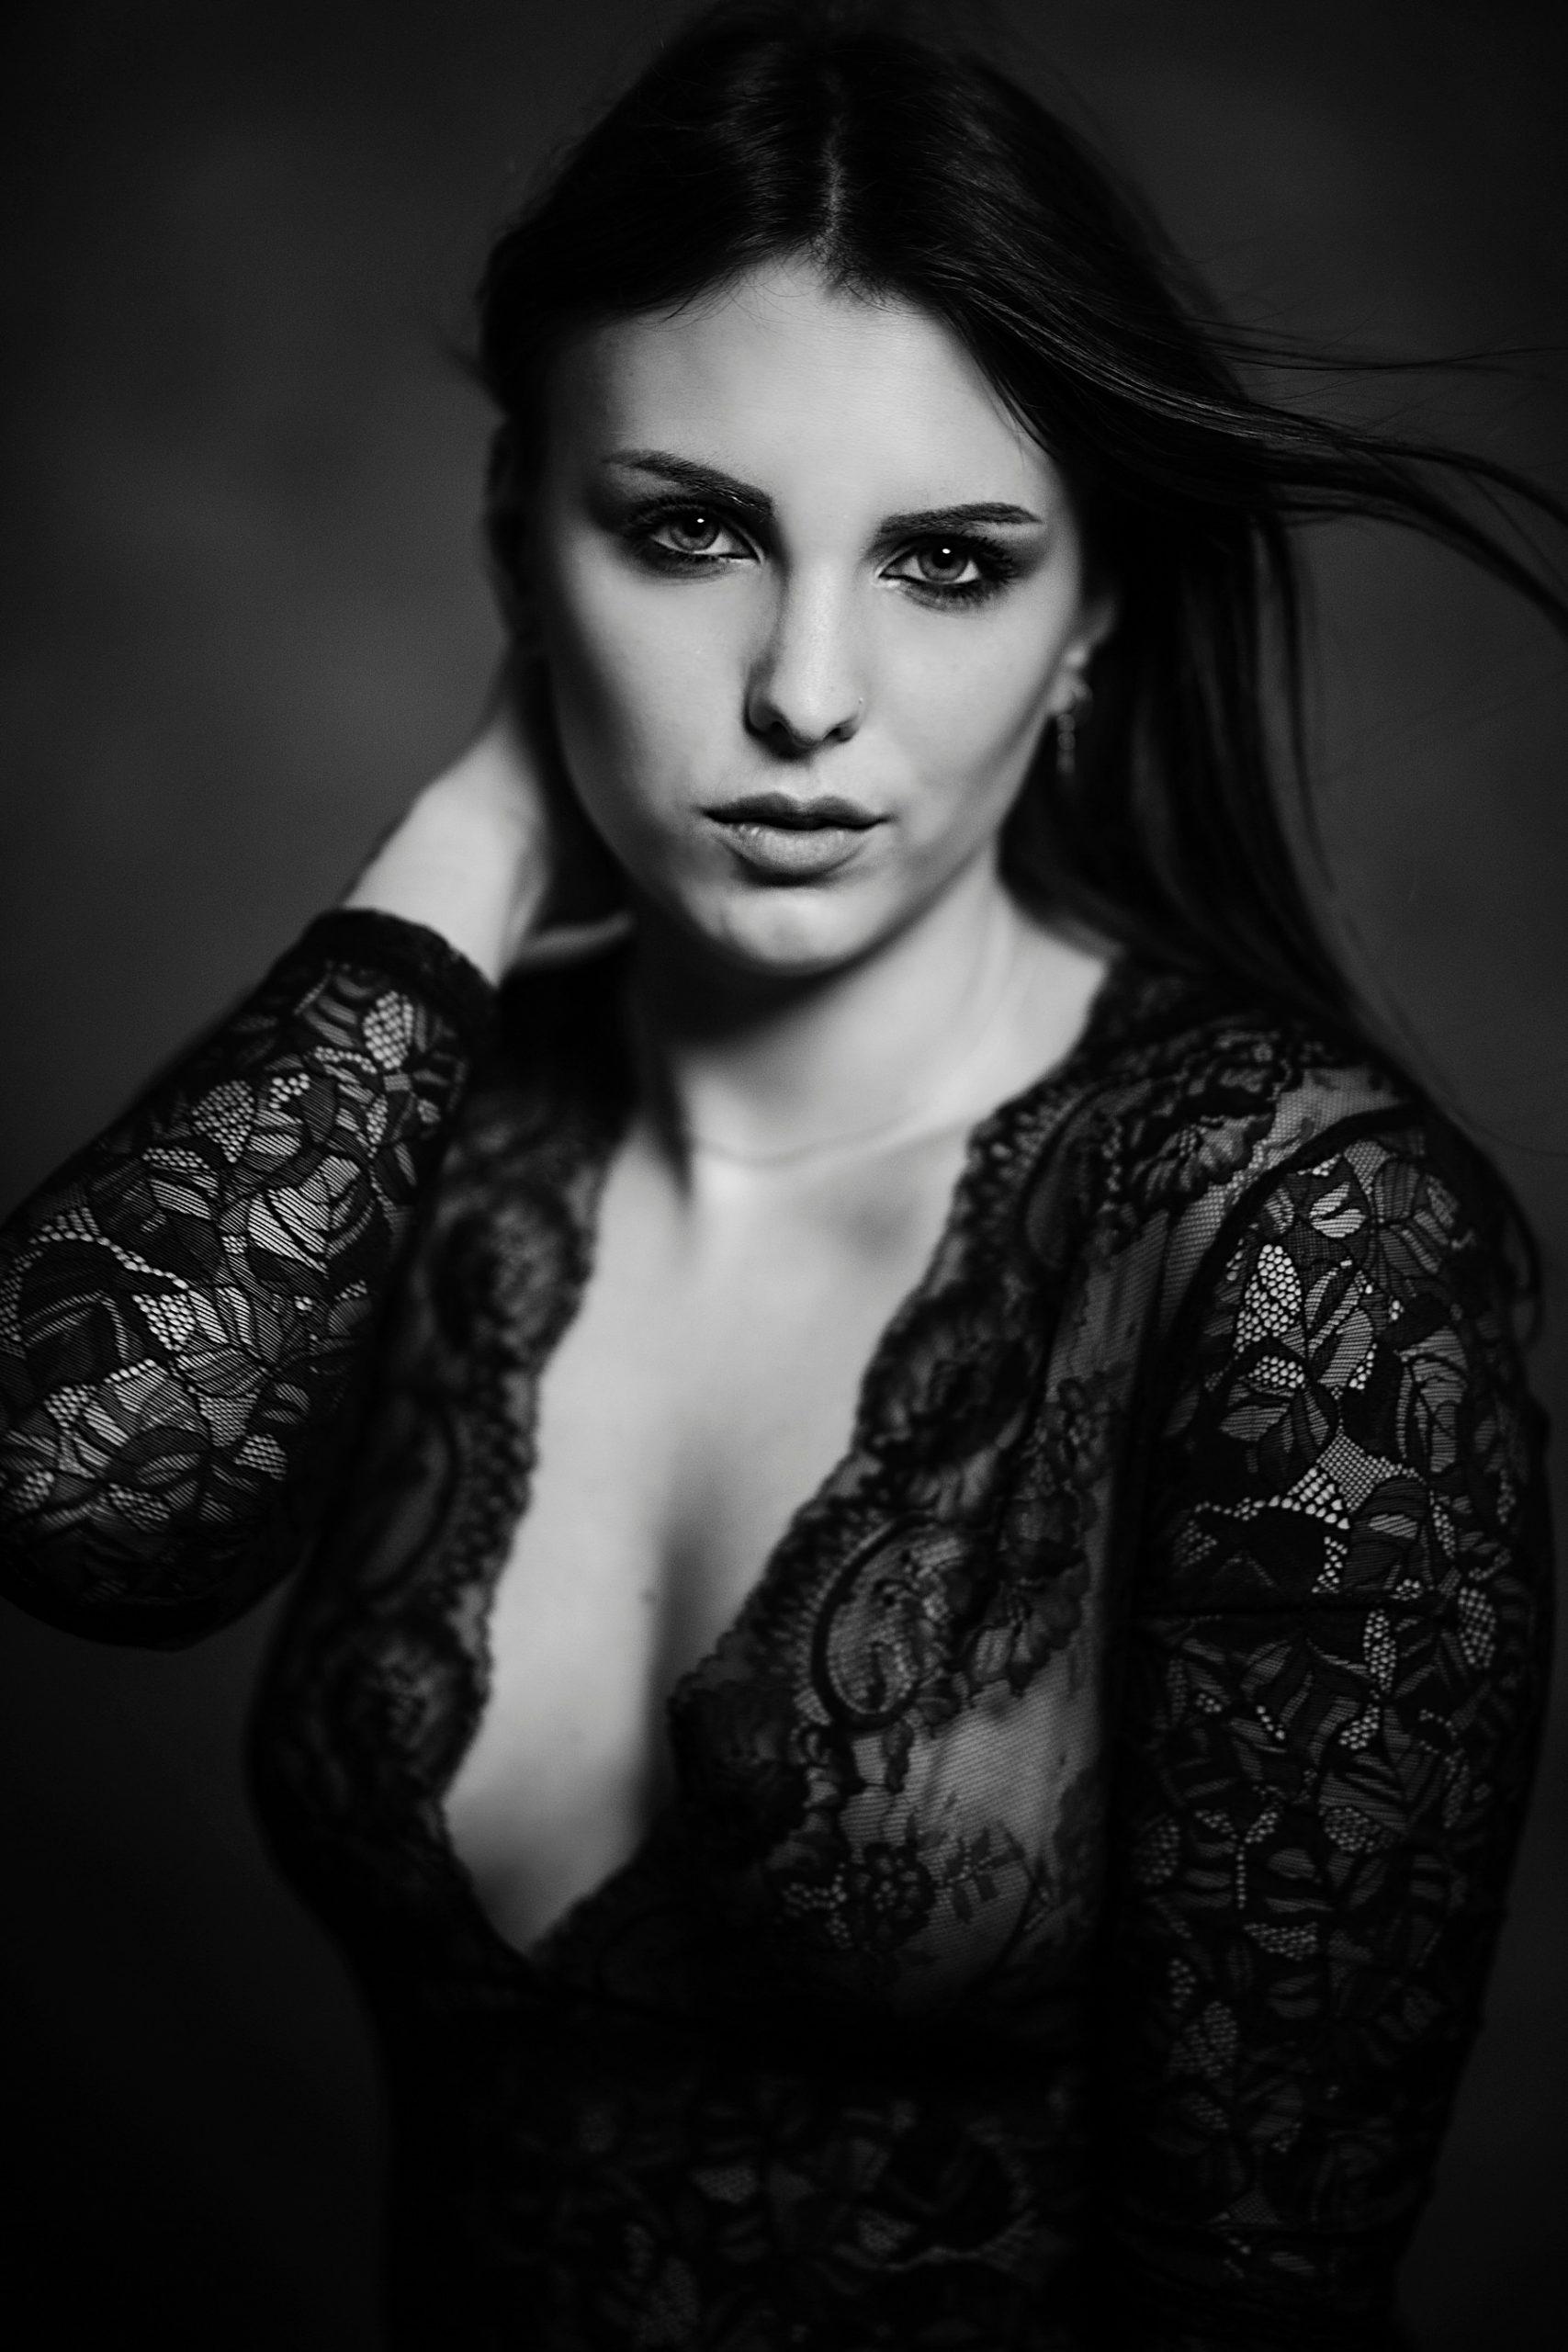 bellissimo ritratto in bianco e nero di bellissima ragazza con pizzo nero